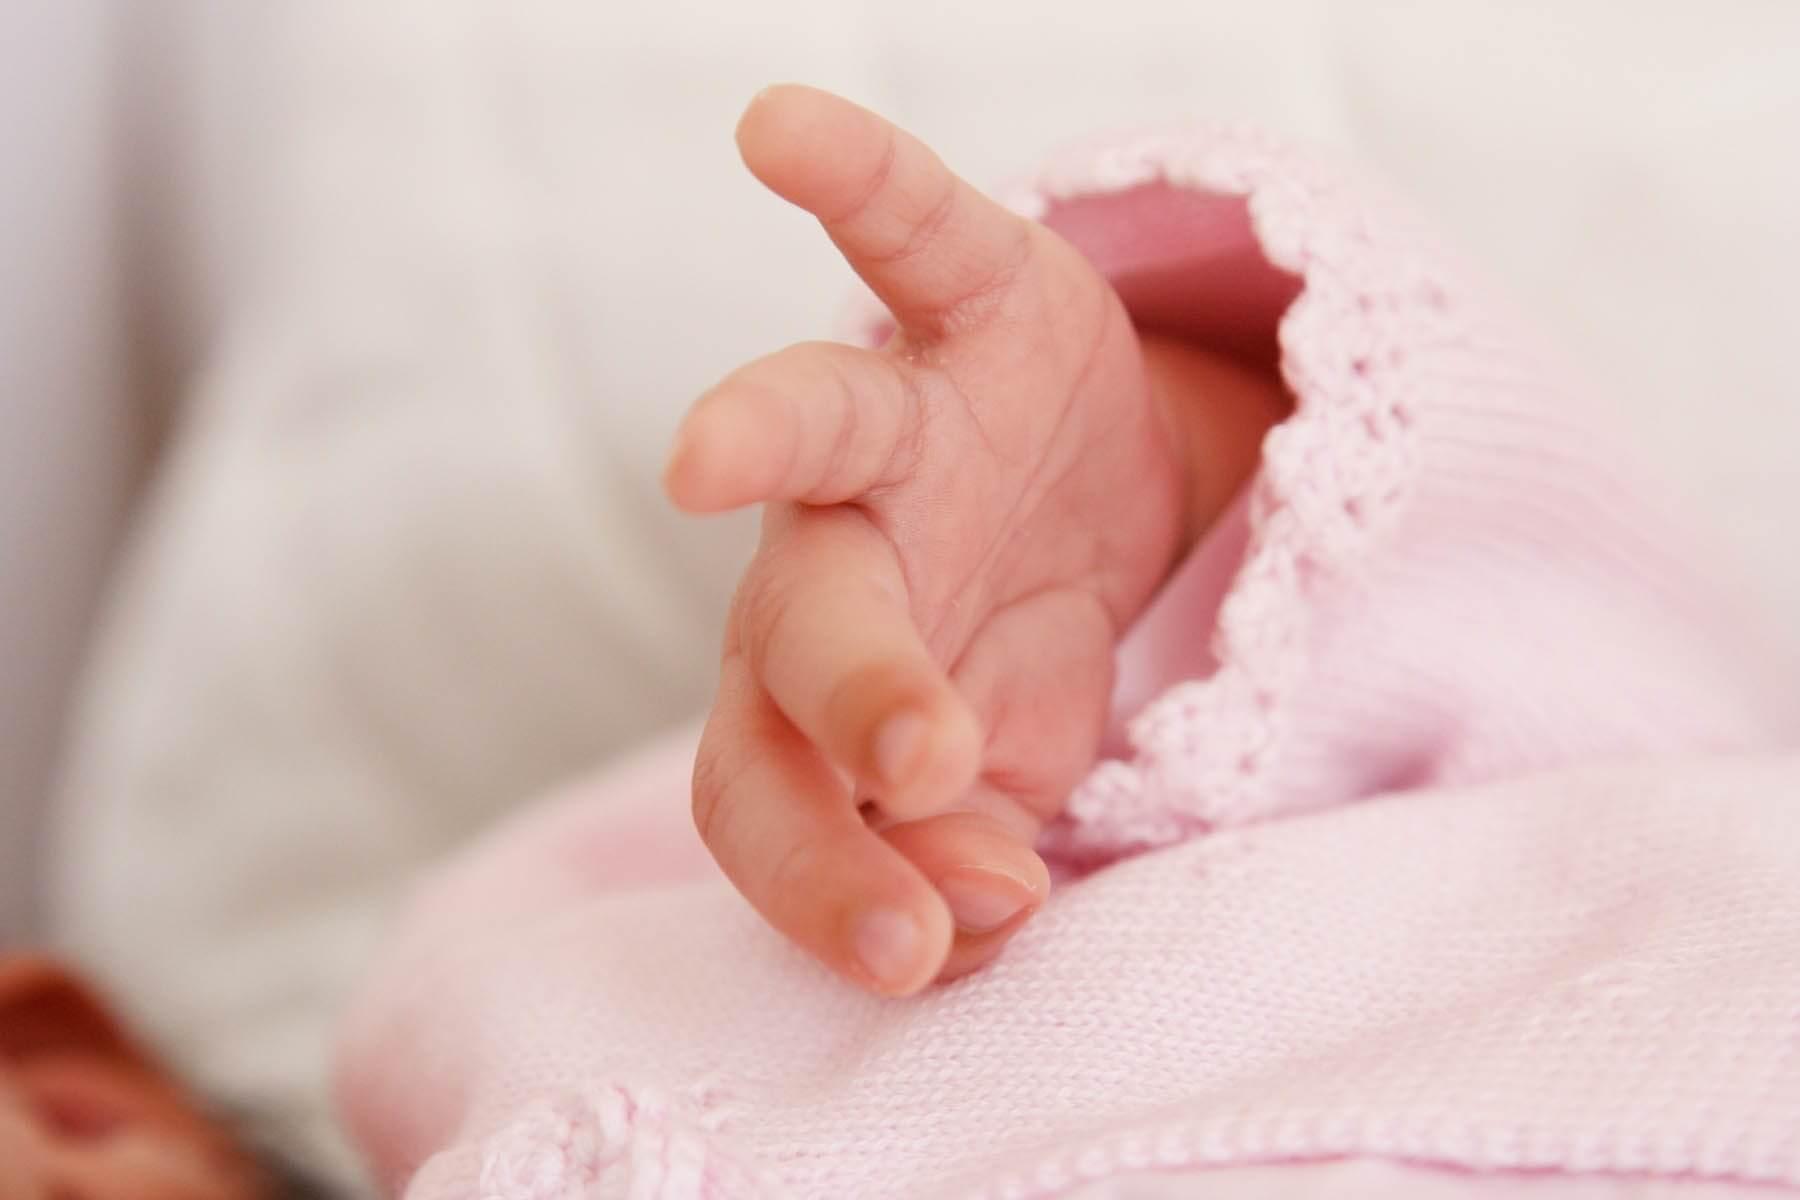 Photo bébé Photo demain de bébé photographe professionnel photo de famille portraits d'enfants et de bébé photo de naissance des clichés naturel et fidèle aux émotions de votre enfant